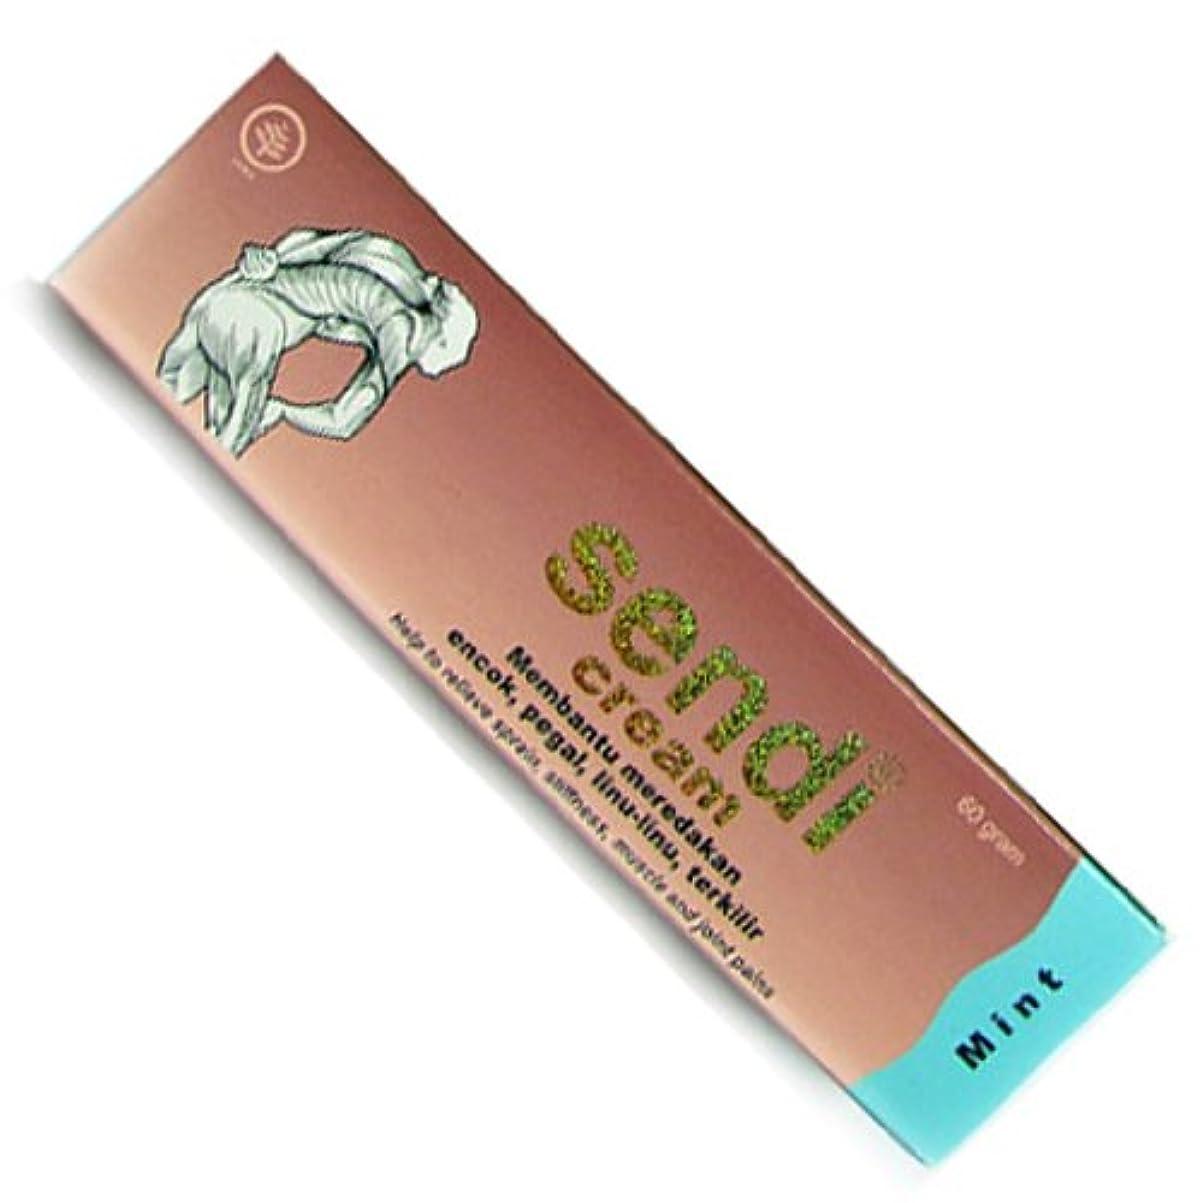 誤解提案ためにSendi Cream スンディクリーム60g[並行輸入品][海外直送品]ミント